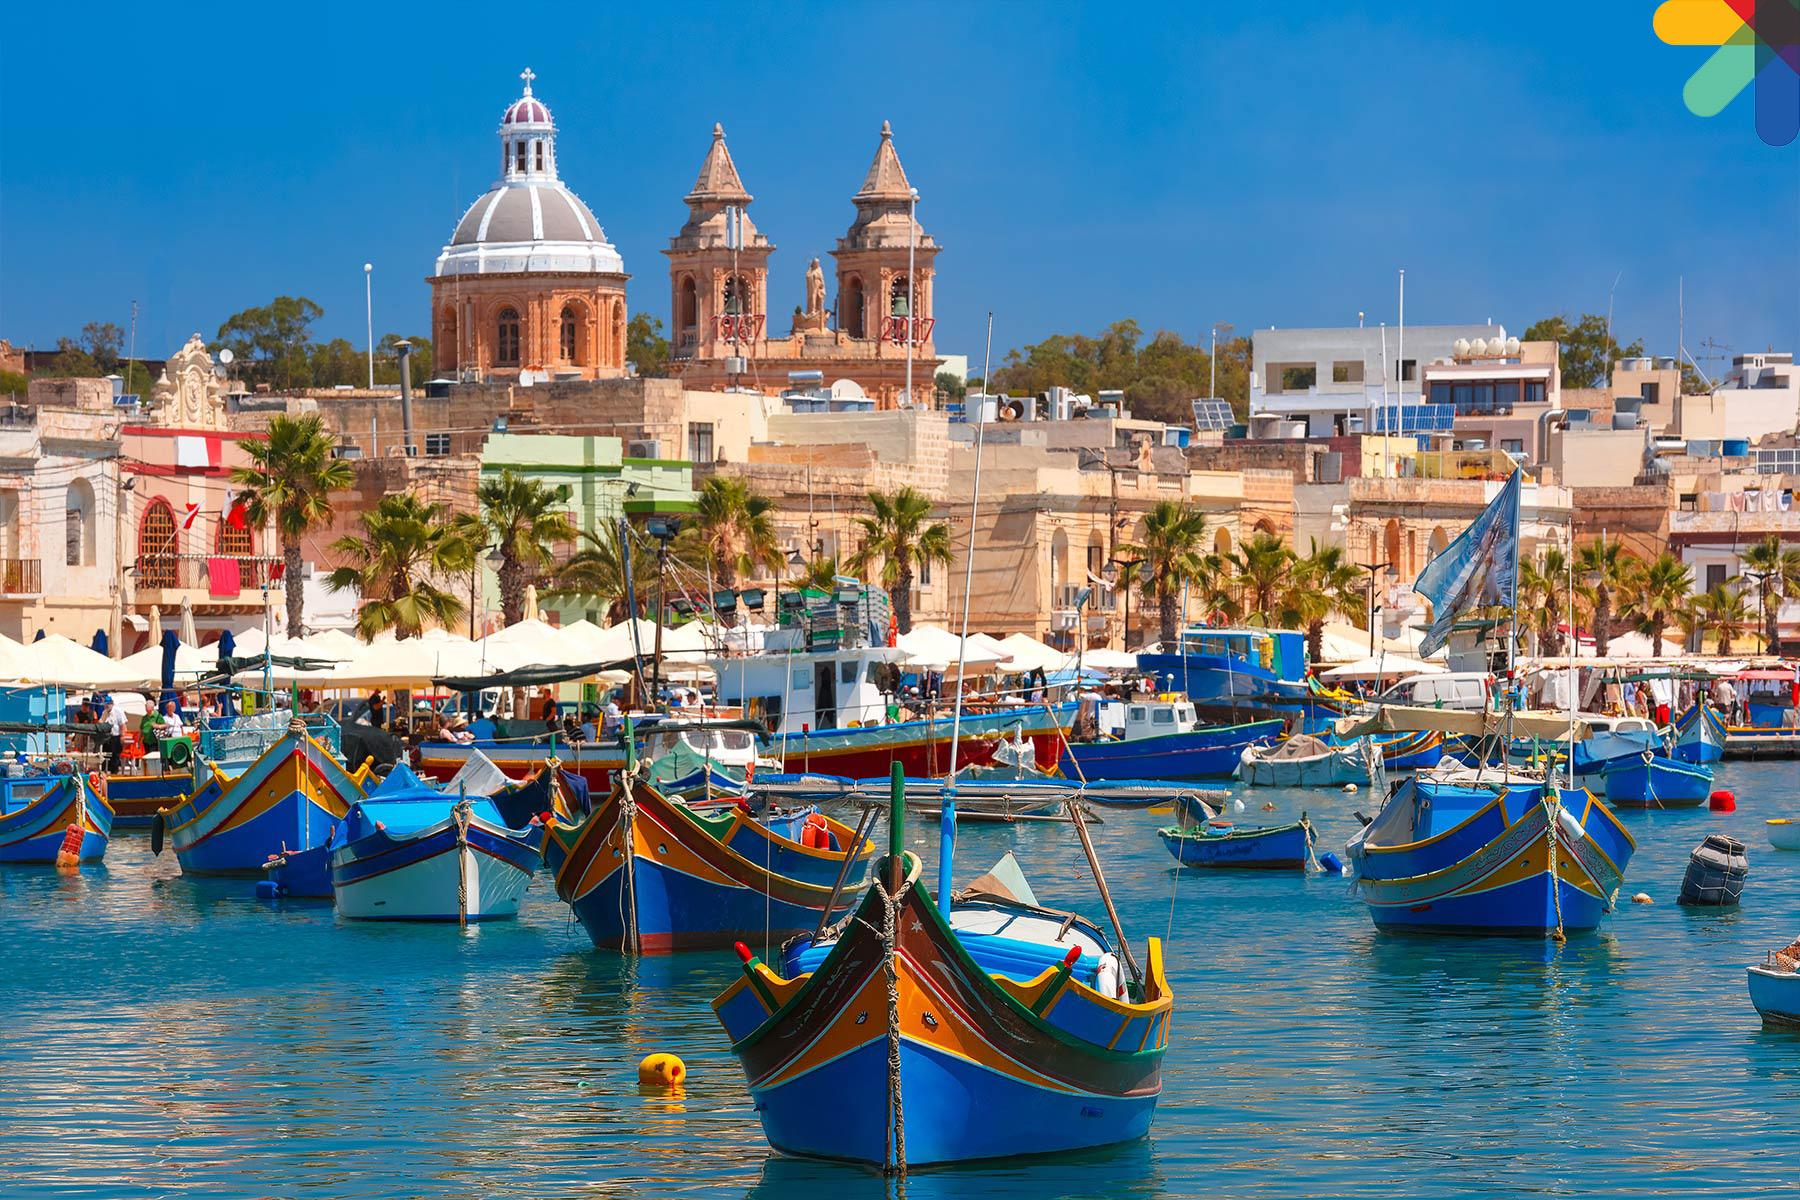 Η Cyprus Airways εντάσσει τη Μάλτα στο καλοκαιρινό της πτητικό πρόγραμμα από τη Λάρνακα